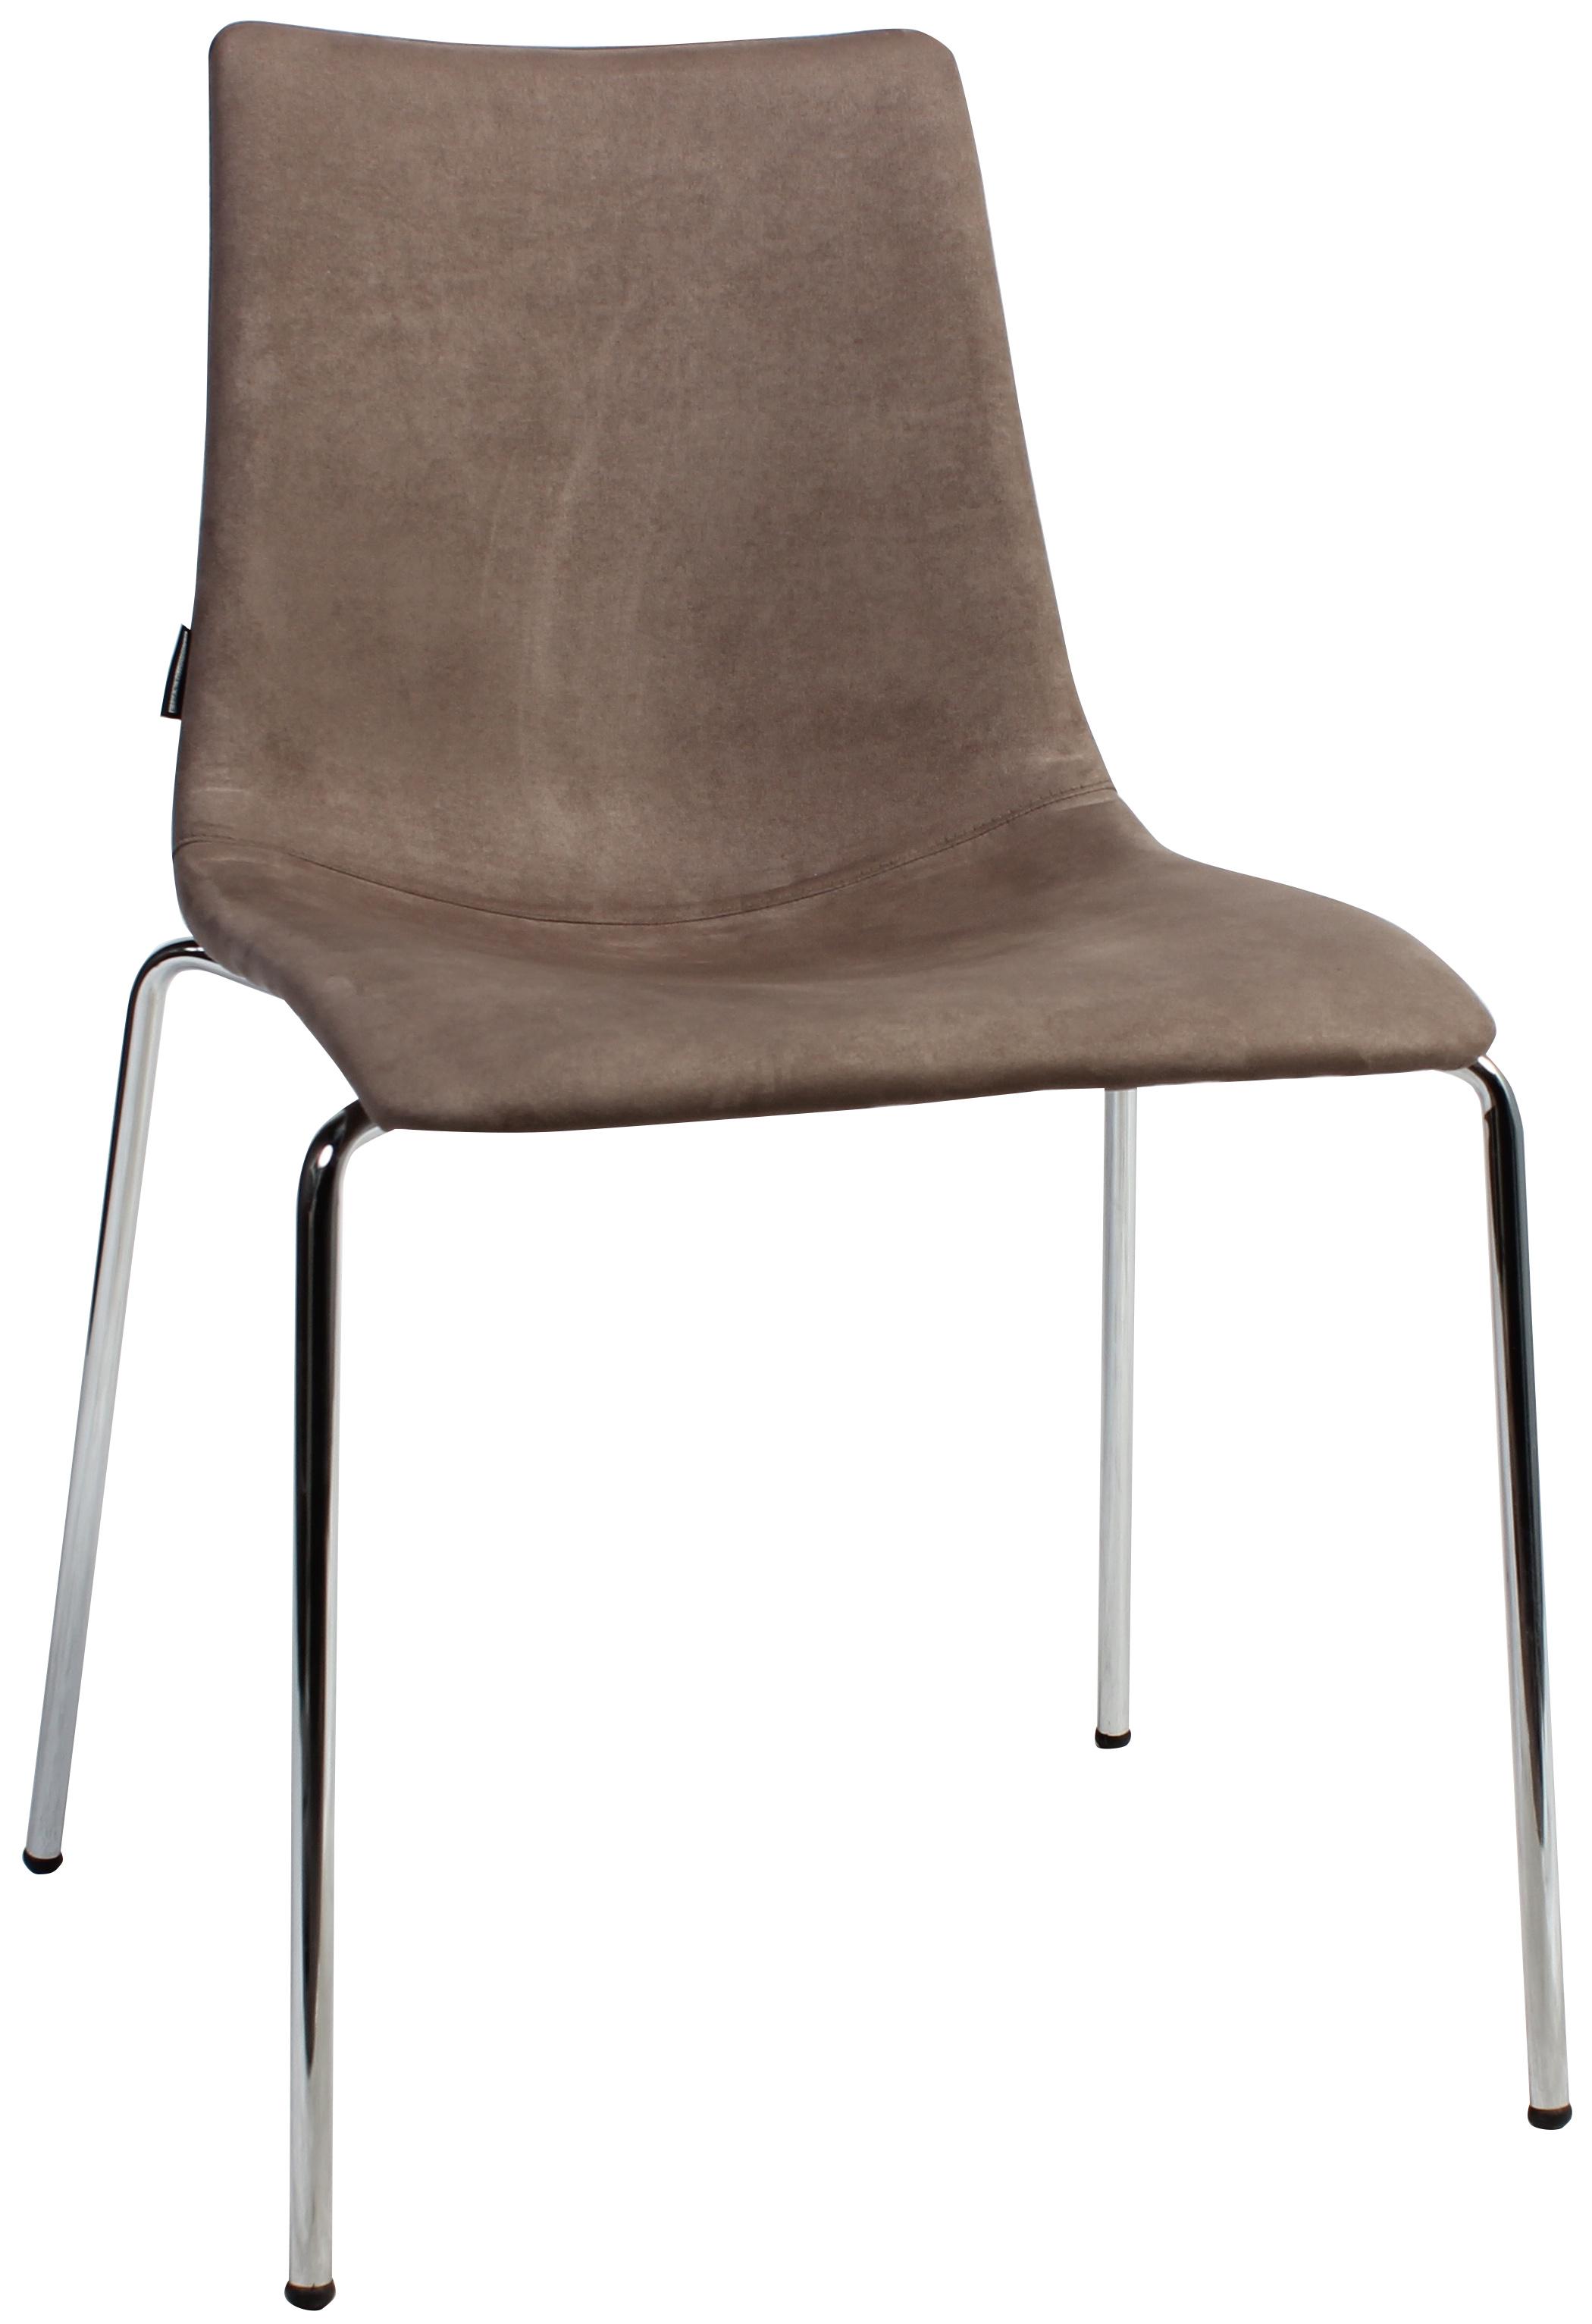 pop chair